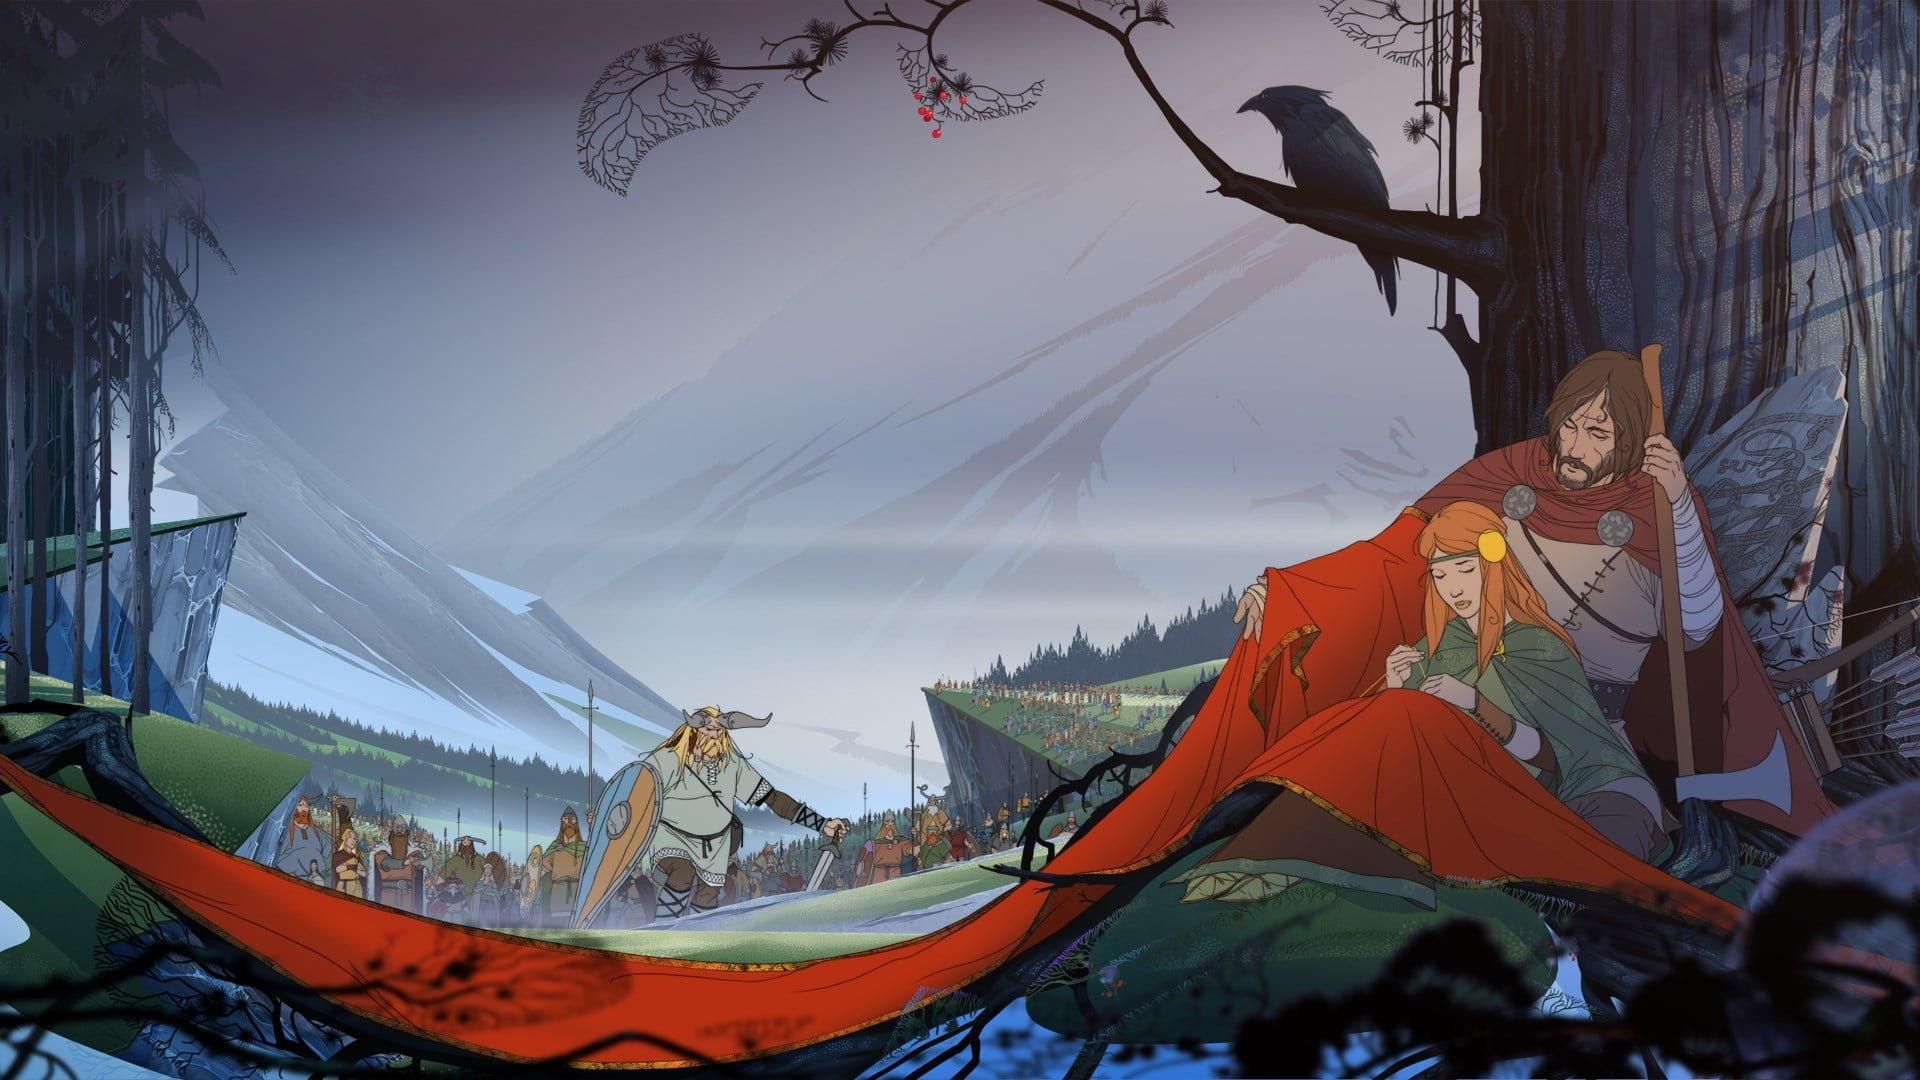 Aspettando Valhalla: 7 Giochi Con Cui Ingannare L'Attesa 5 - Hynerd.it